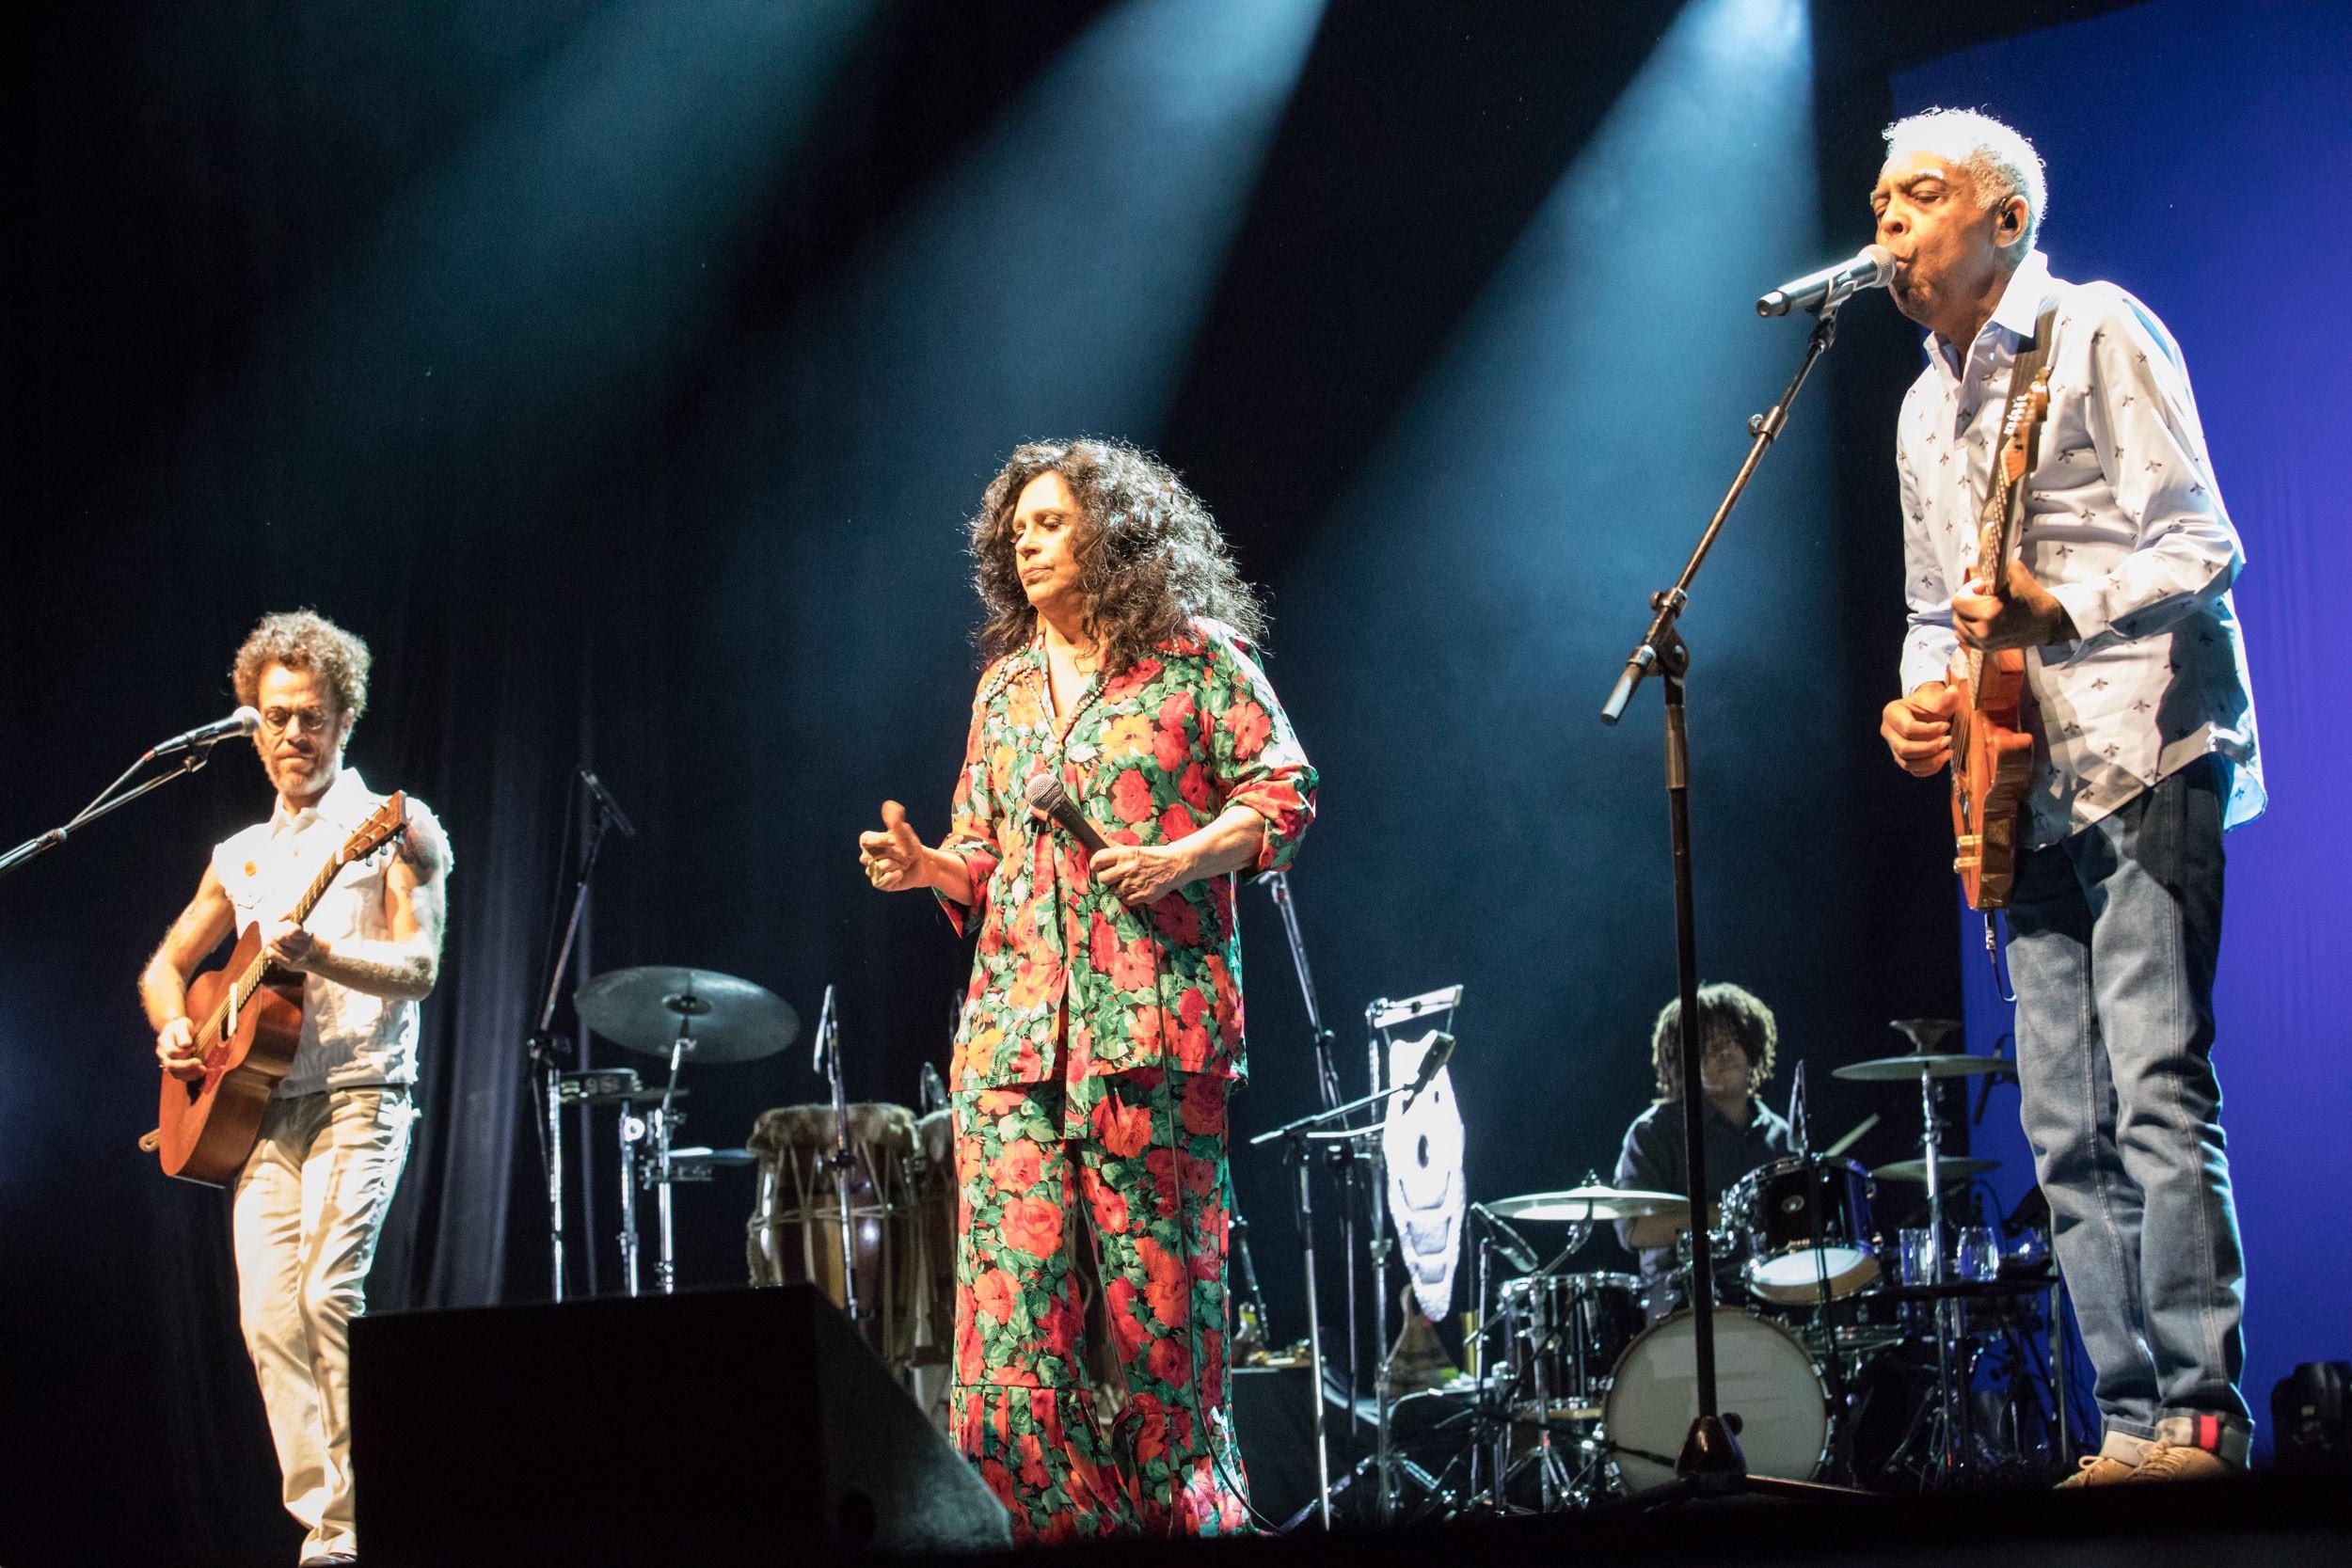 DVD 'Trinca de ases' sai enfim em junho com registro do show de Gal, Gil e Nando